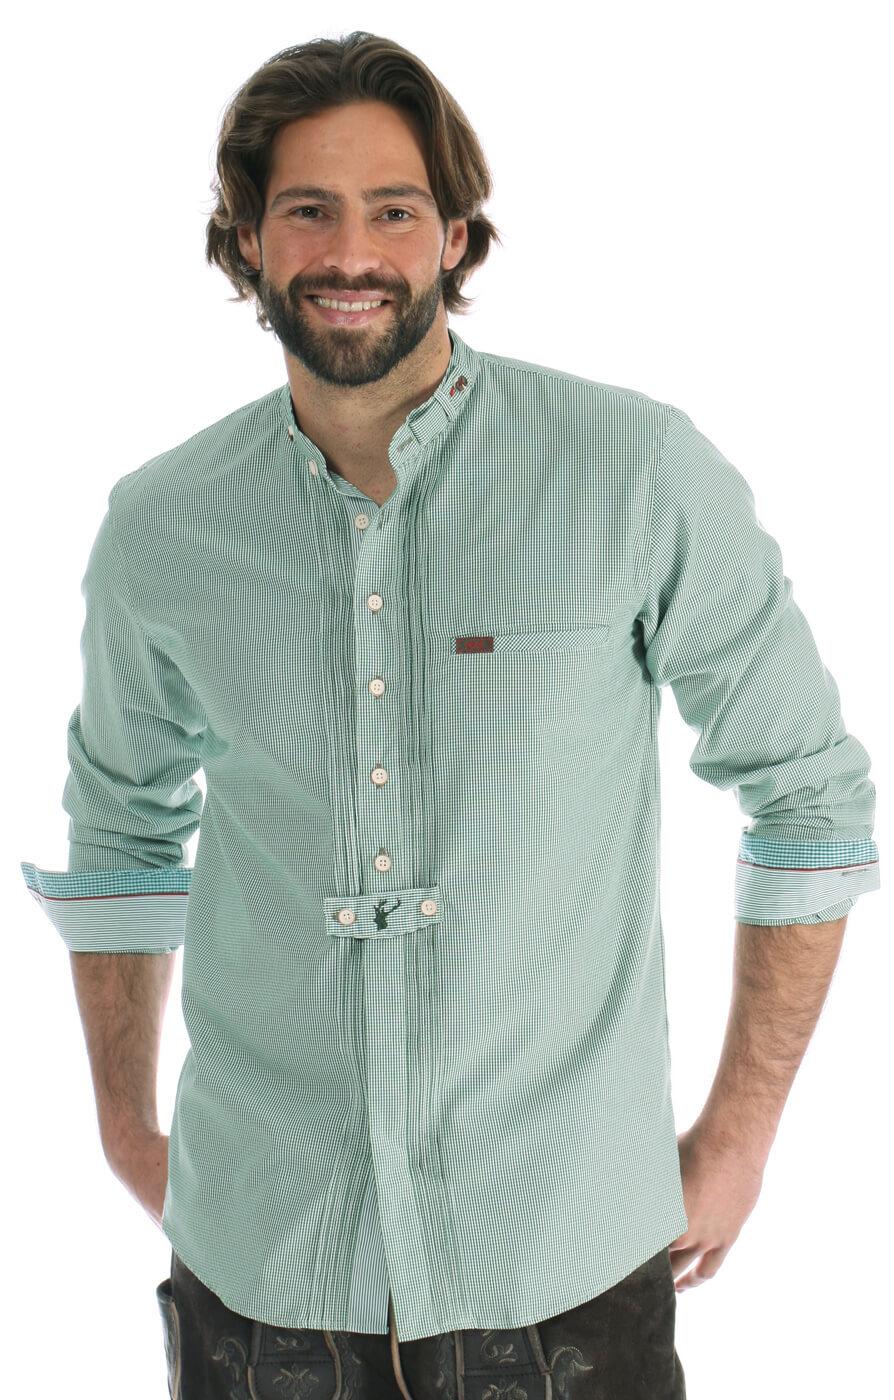 Trachtenhemd Pfoad Stehkragen grün von Spieth & Wensky